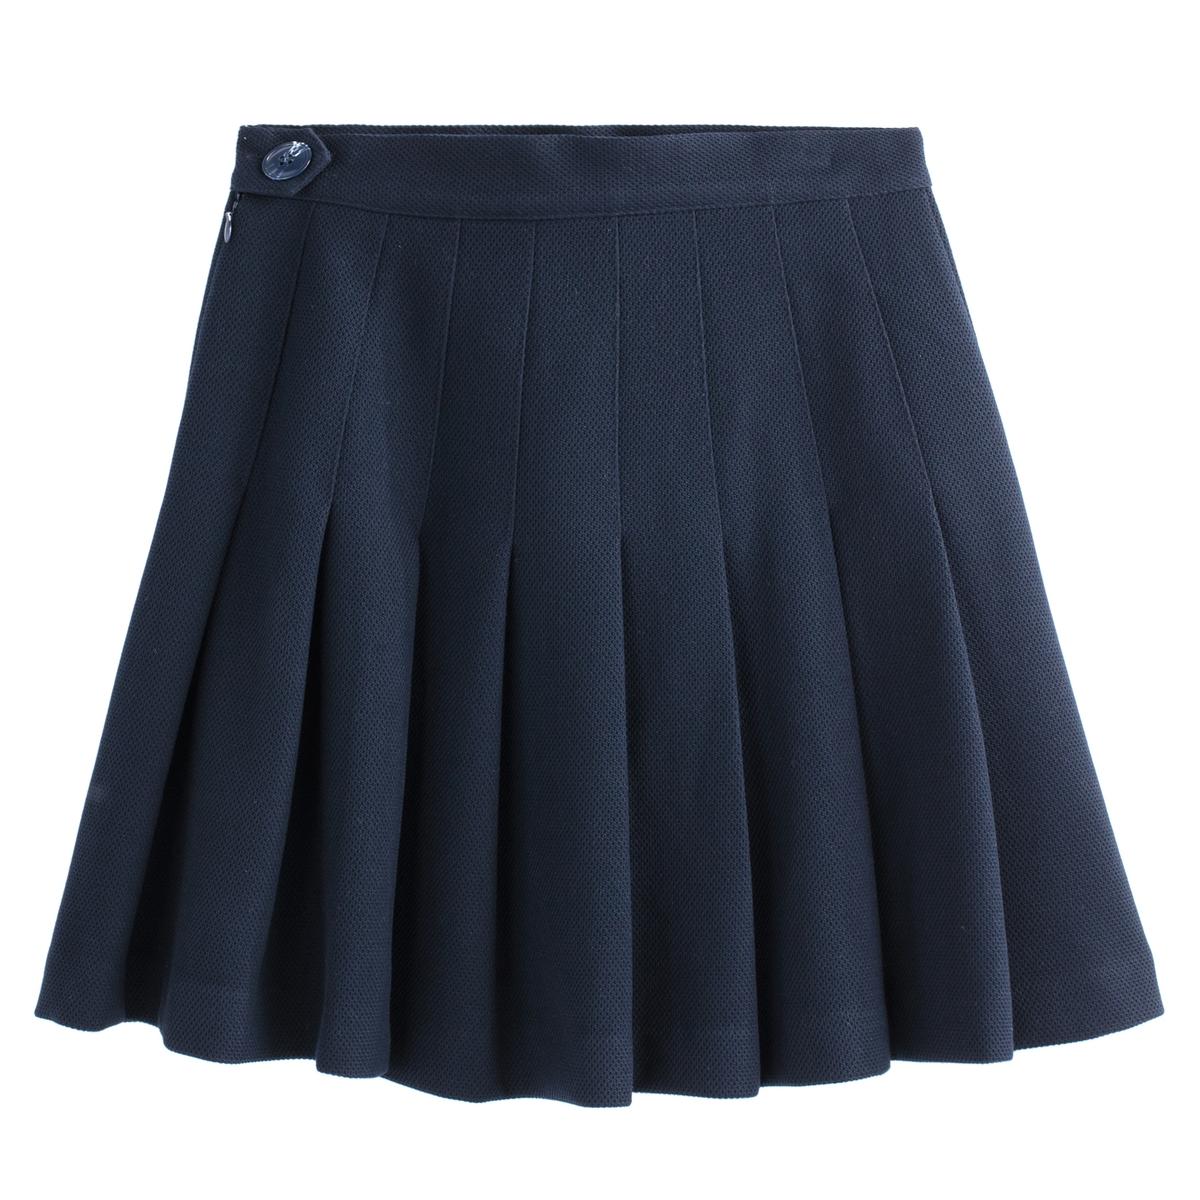 Falda plisada corta